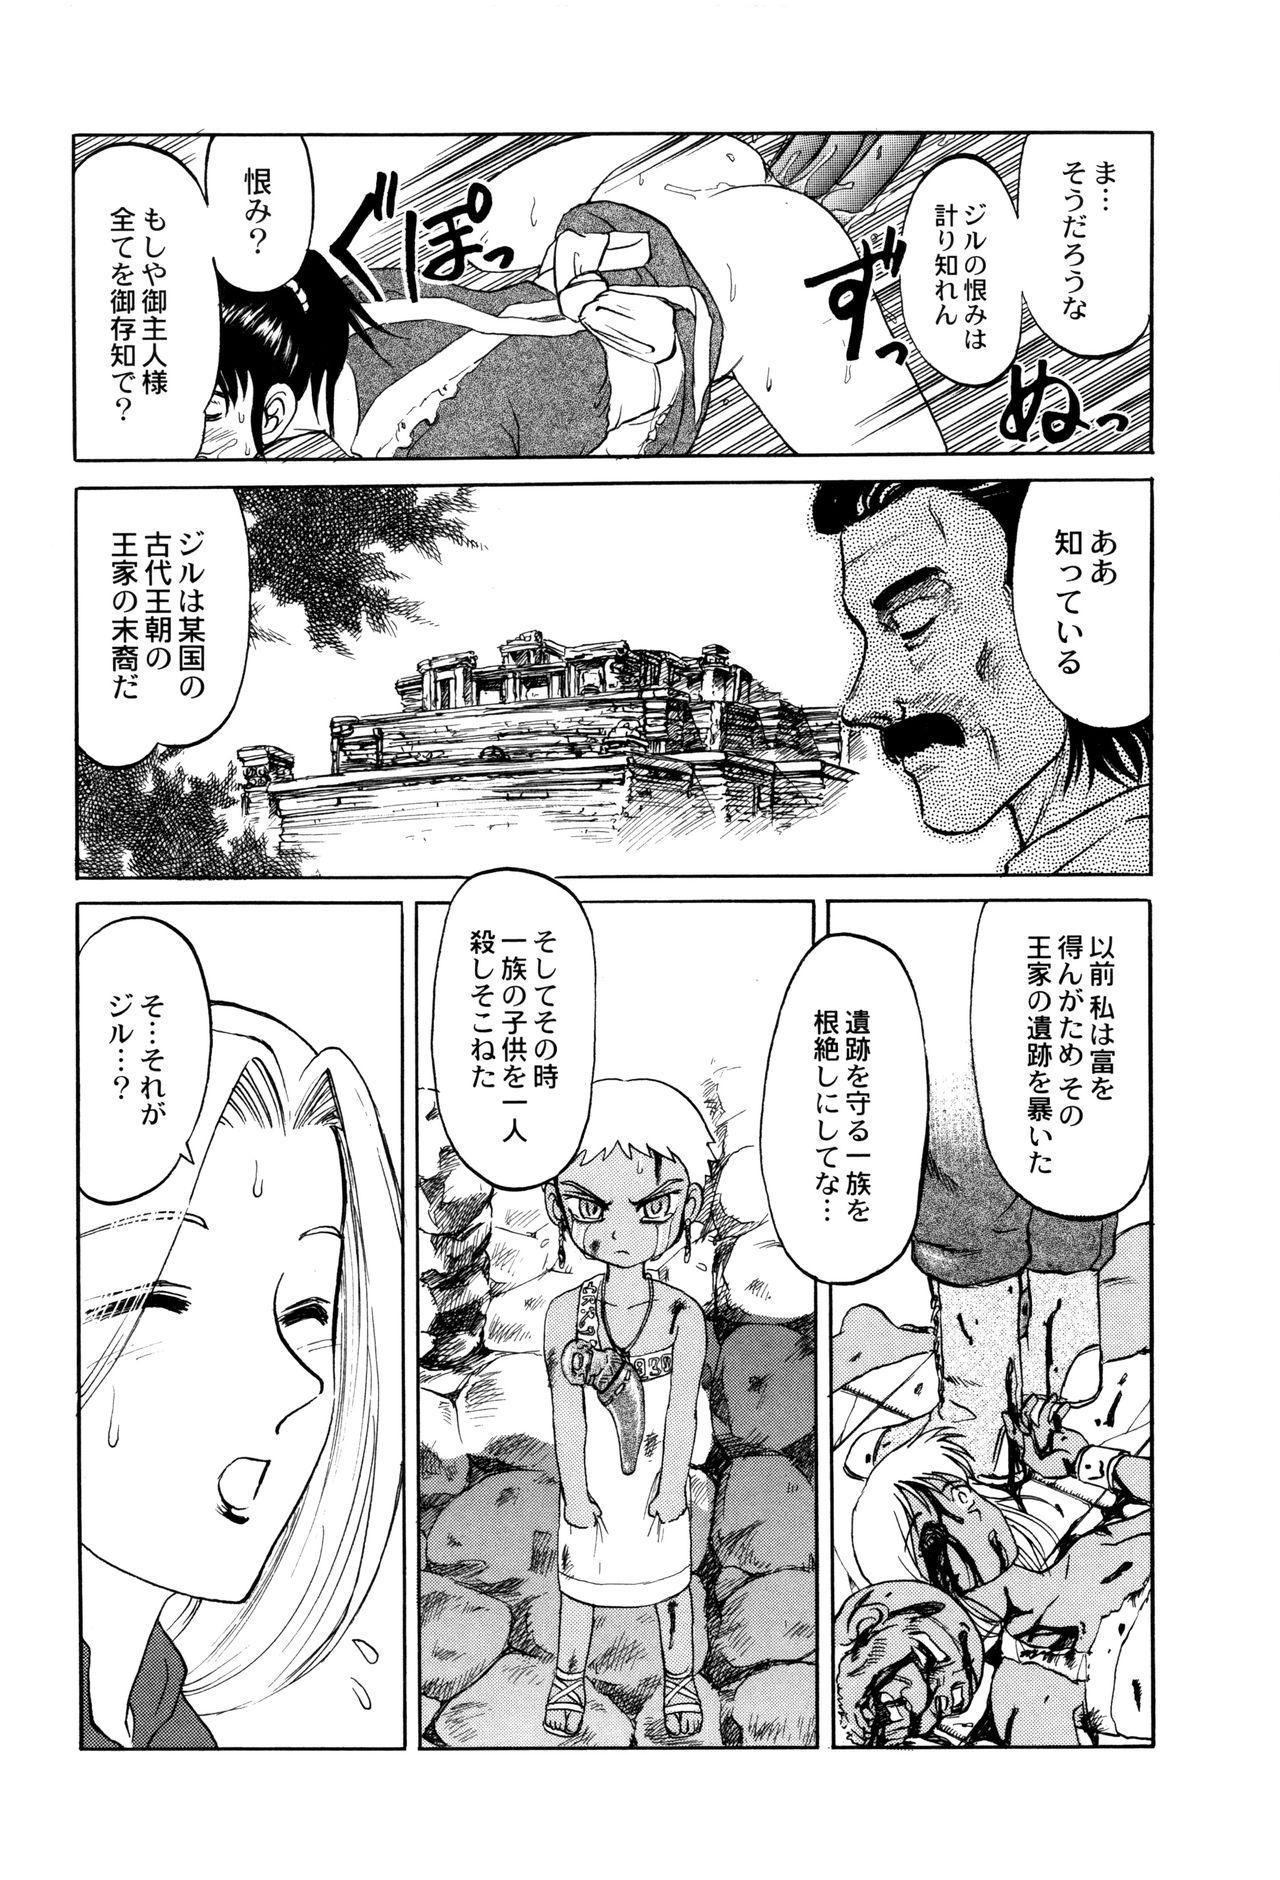 Chishigoyomi 138